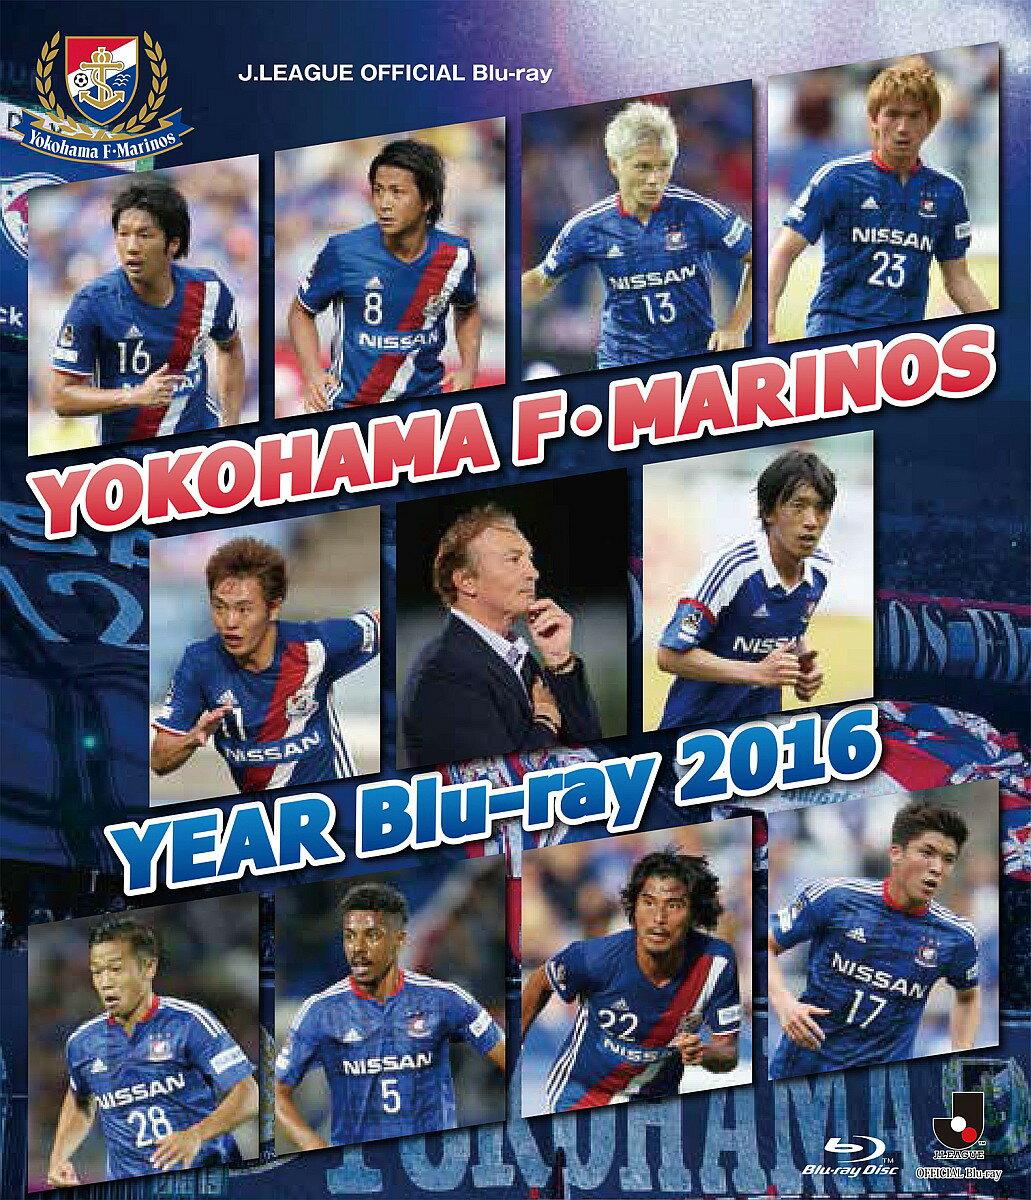 横浜F・マリノスイヤーBlu-ray2016【Blu-ray】 [ 横浜F・マリノス ]